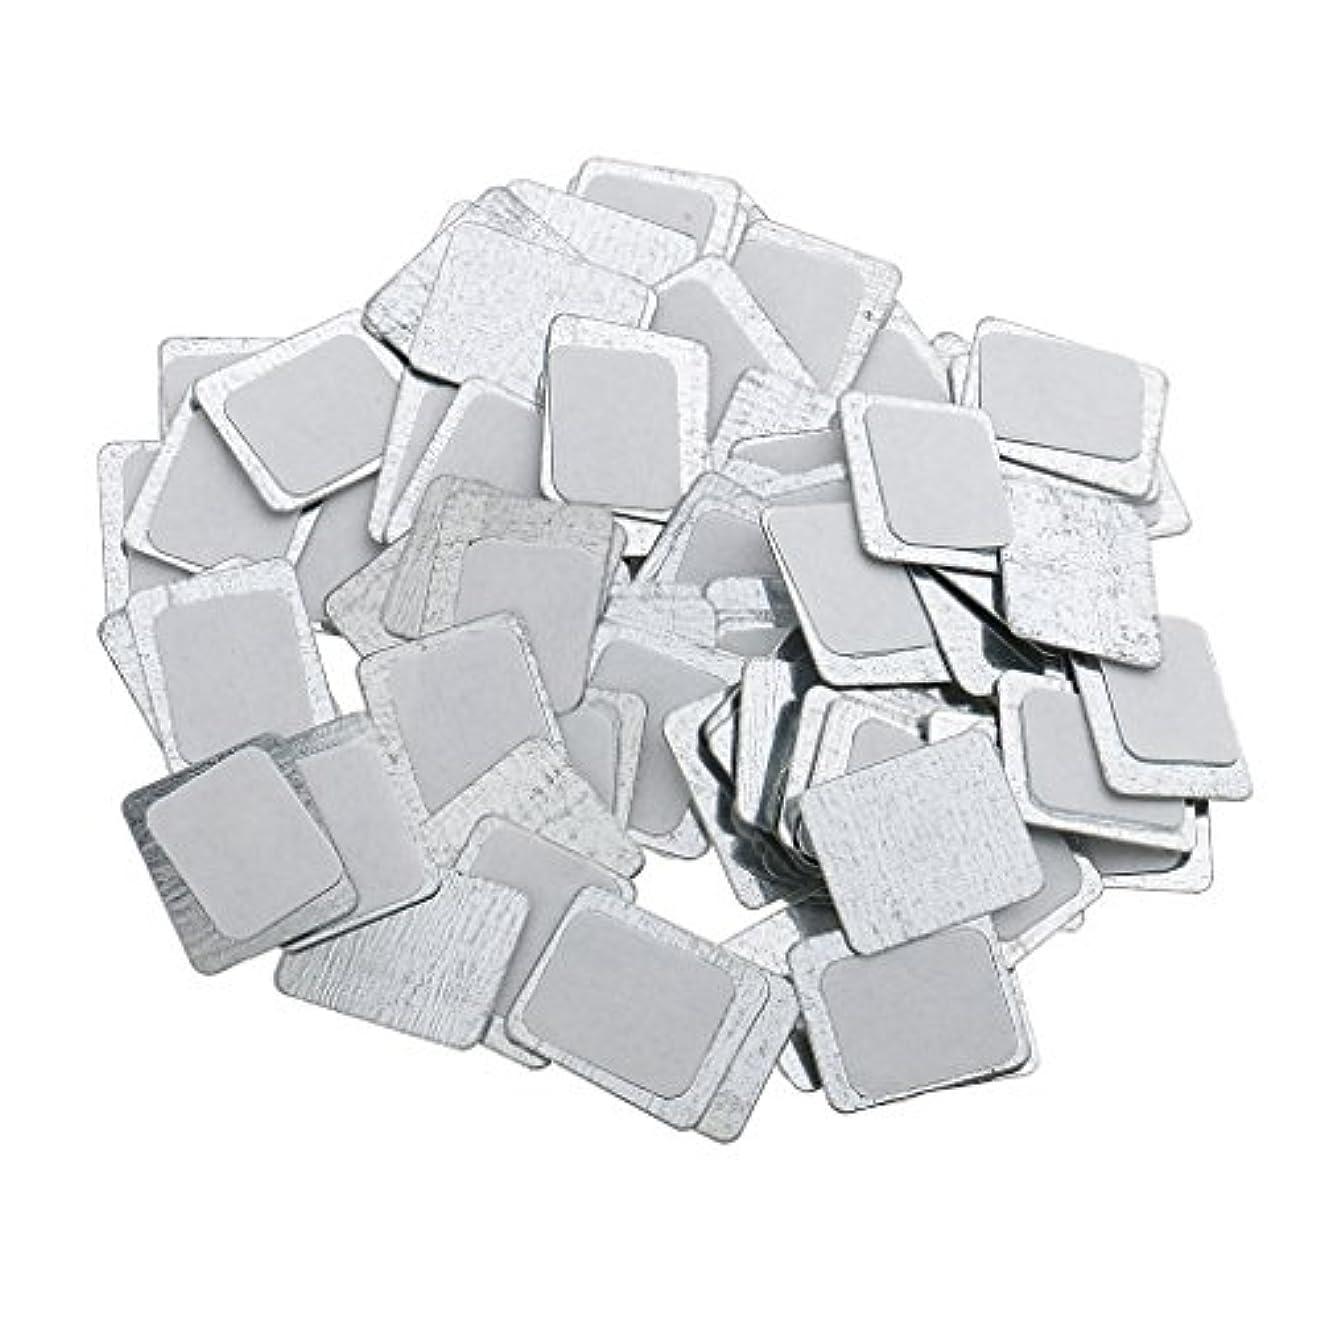 エンティティスロベニアドラッグ約100個 メイクアップパン 空パン アイシャドー ブラッシュ メイクアップ 磁気パレットボックスケース 2タイプ選べ - スクエア